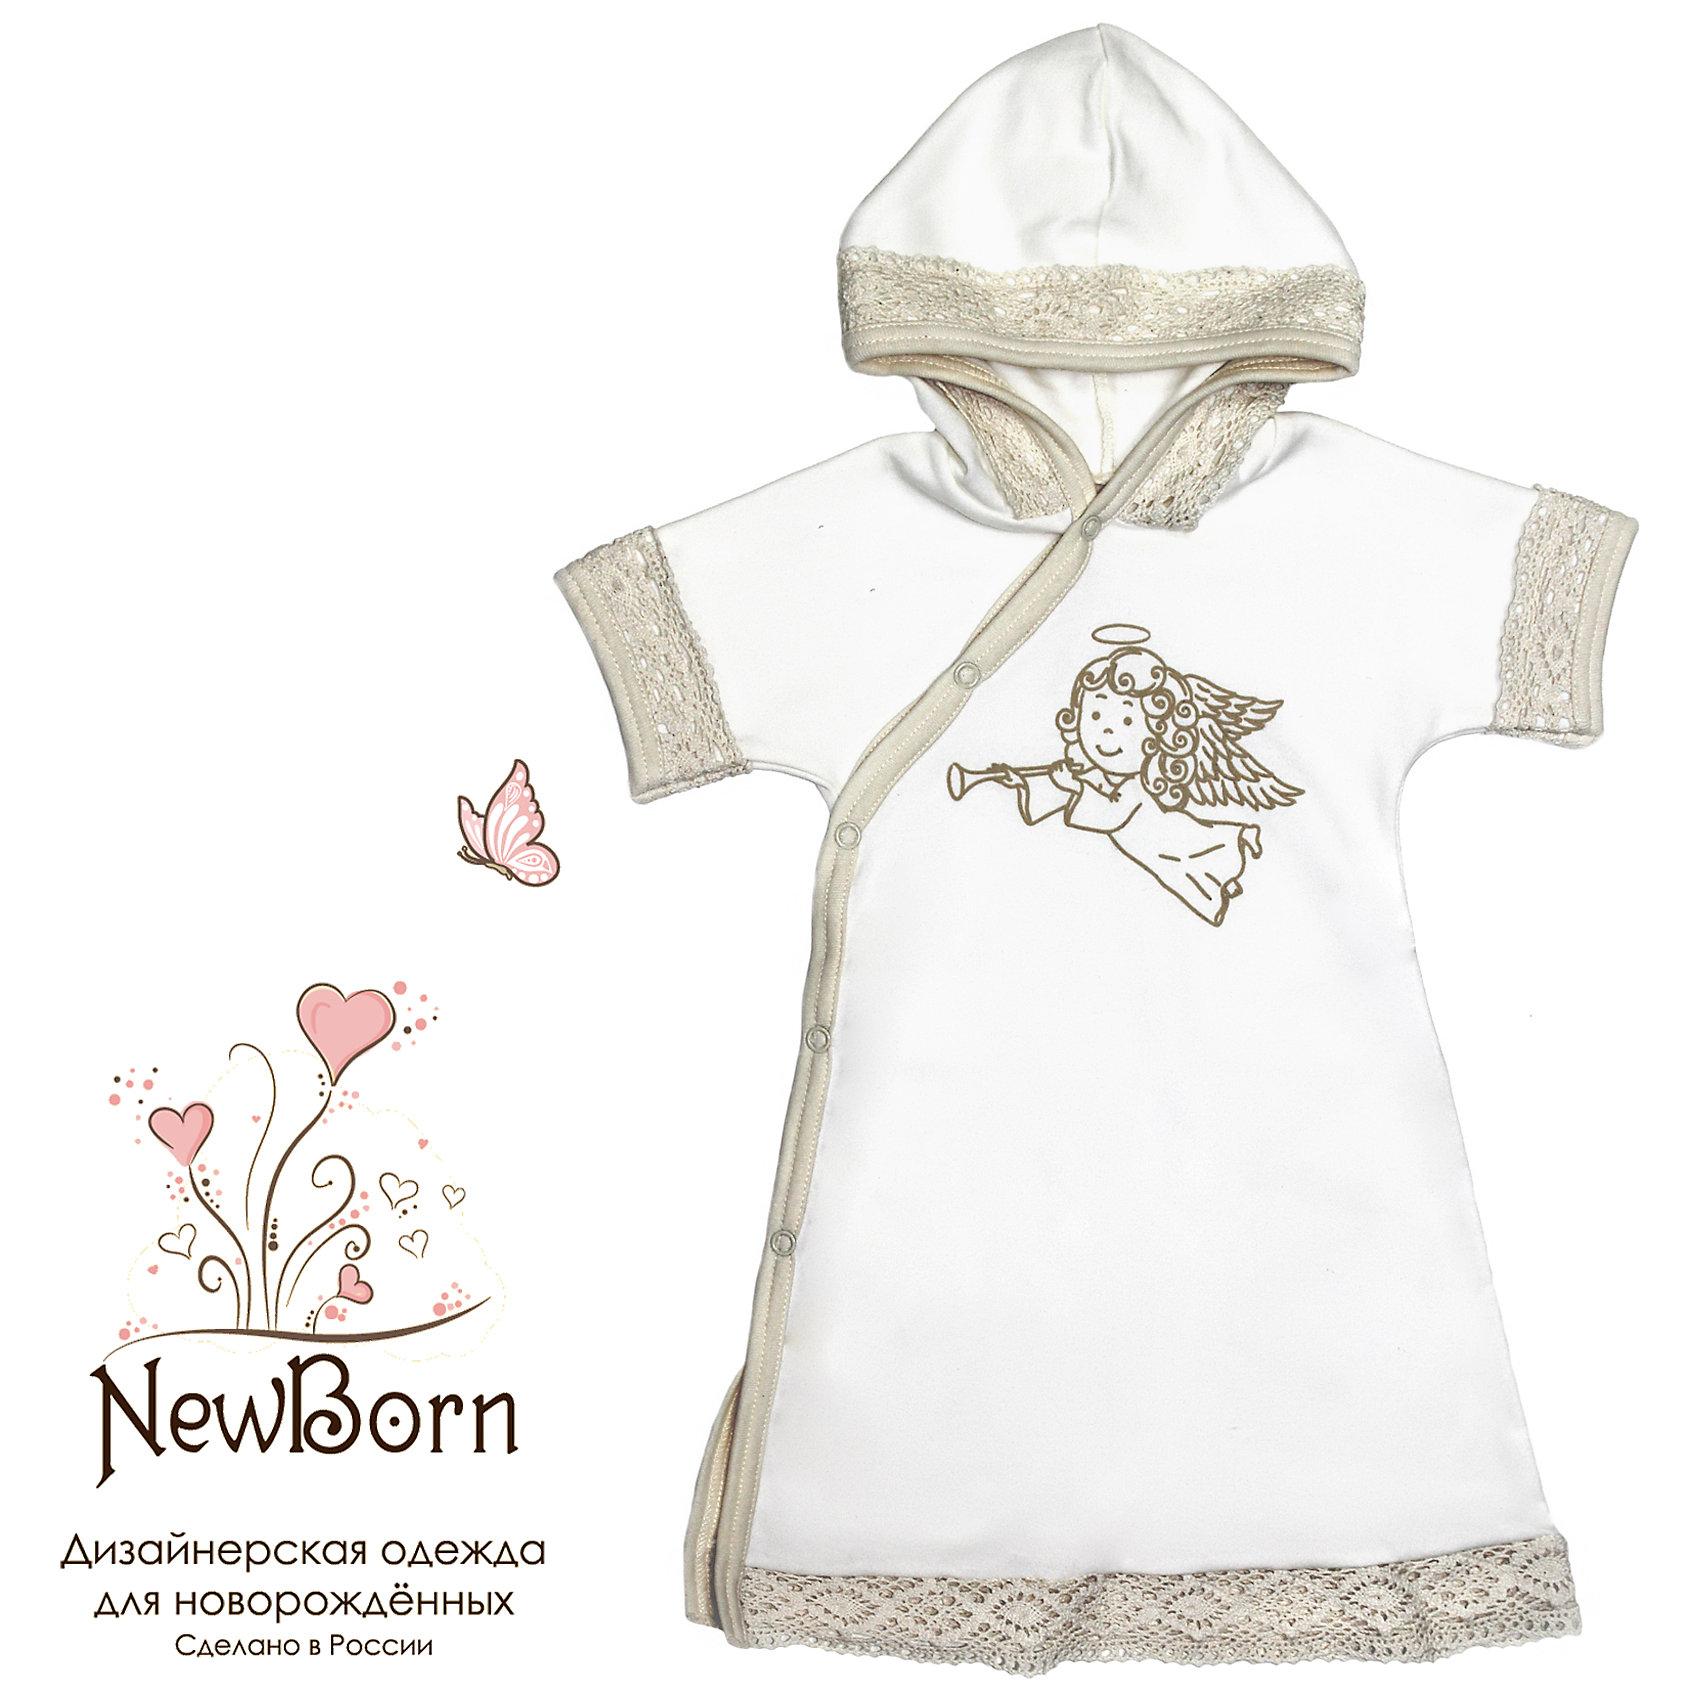 Крестильное платье с капюшоном, тесьма, р-р 80, NewBorn, белыйХарактеристики:<br><br>• Вид детской одежды: платье с капюшоном<br>• Предназначение: для крещения<br>• Коллекция: NewBorn<br>• Сезон: круглый год<br>• Пол: для девочки<br>• Тематика рисунка: ангелы<br>• Размер: 80<br>• Цвет: белый, золотистый<br>• Материал: трикотаж, хлопок<br>• Длина рукава: короткие<br>• Запах: спереди<br>• Застежка: спереди на кнопке<br>• Наличие капюшона<br>• Декорировано широкой тесьмой из шитья <br>• Передняя полочка украшена термонаклейкой в виде ангела<br>• Особенности ухода: допускается деликатная стирка без использования красящих и отбеливающих средств<br><br>Крестильное платье с капюшоном, тесьма, р-р 80, NewBorn, белый из коллекции NewBorn от отечественного швейного производства ТексПром предназначено для создания праздничного образа девочки во время торжественного обряда крещения. Платье представлено в коллекции NewBorn, которая сочетает в себе классические и современные тенденции в мире моды для новорожденных, при этом при технологии изготовления детской одежды сохраняются самые лучшие традиции: свободный крой, внешние швы и натуральные ткани. Платье с короткими рукавами и капюшоном выполнено из трикотажа, все края обработаны трикотажной бейкой золотистого цвета. Изделие имеет передний запах с застежками на кнопках, что обеспечивает его легкое одевание. Праздничный образ создается за счет отделки рукавов, капюшона и низа платья широким кружевом золотистого цвета и термонаклейки на передней полочке в виде ангела. <br><br>Крестильное платье с капюшоном, тесьма, р-р 80, NewBorn, белый можно купить в нашем интернет-магазине.<br><br>Ширина мм: 220<br>Глубина мм: 5<br>Высота мм: 400<br>Вес г: 200<br>Возраст от месяцев: 9<br>Возраст до месяцев: 12<br>Пол: Женский<br>Возраст: Детский<br>SKU: 4912518